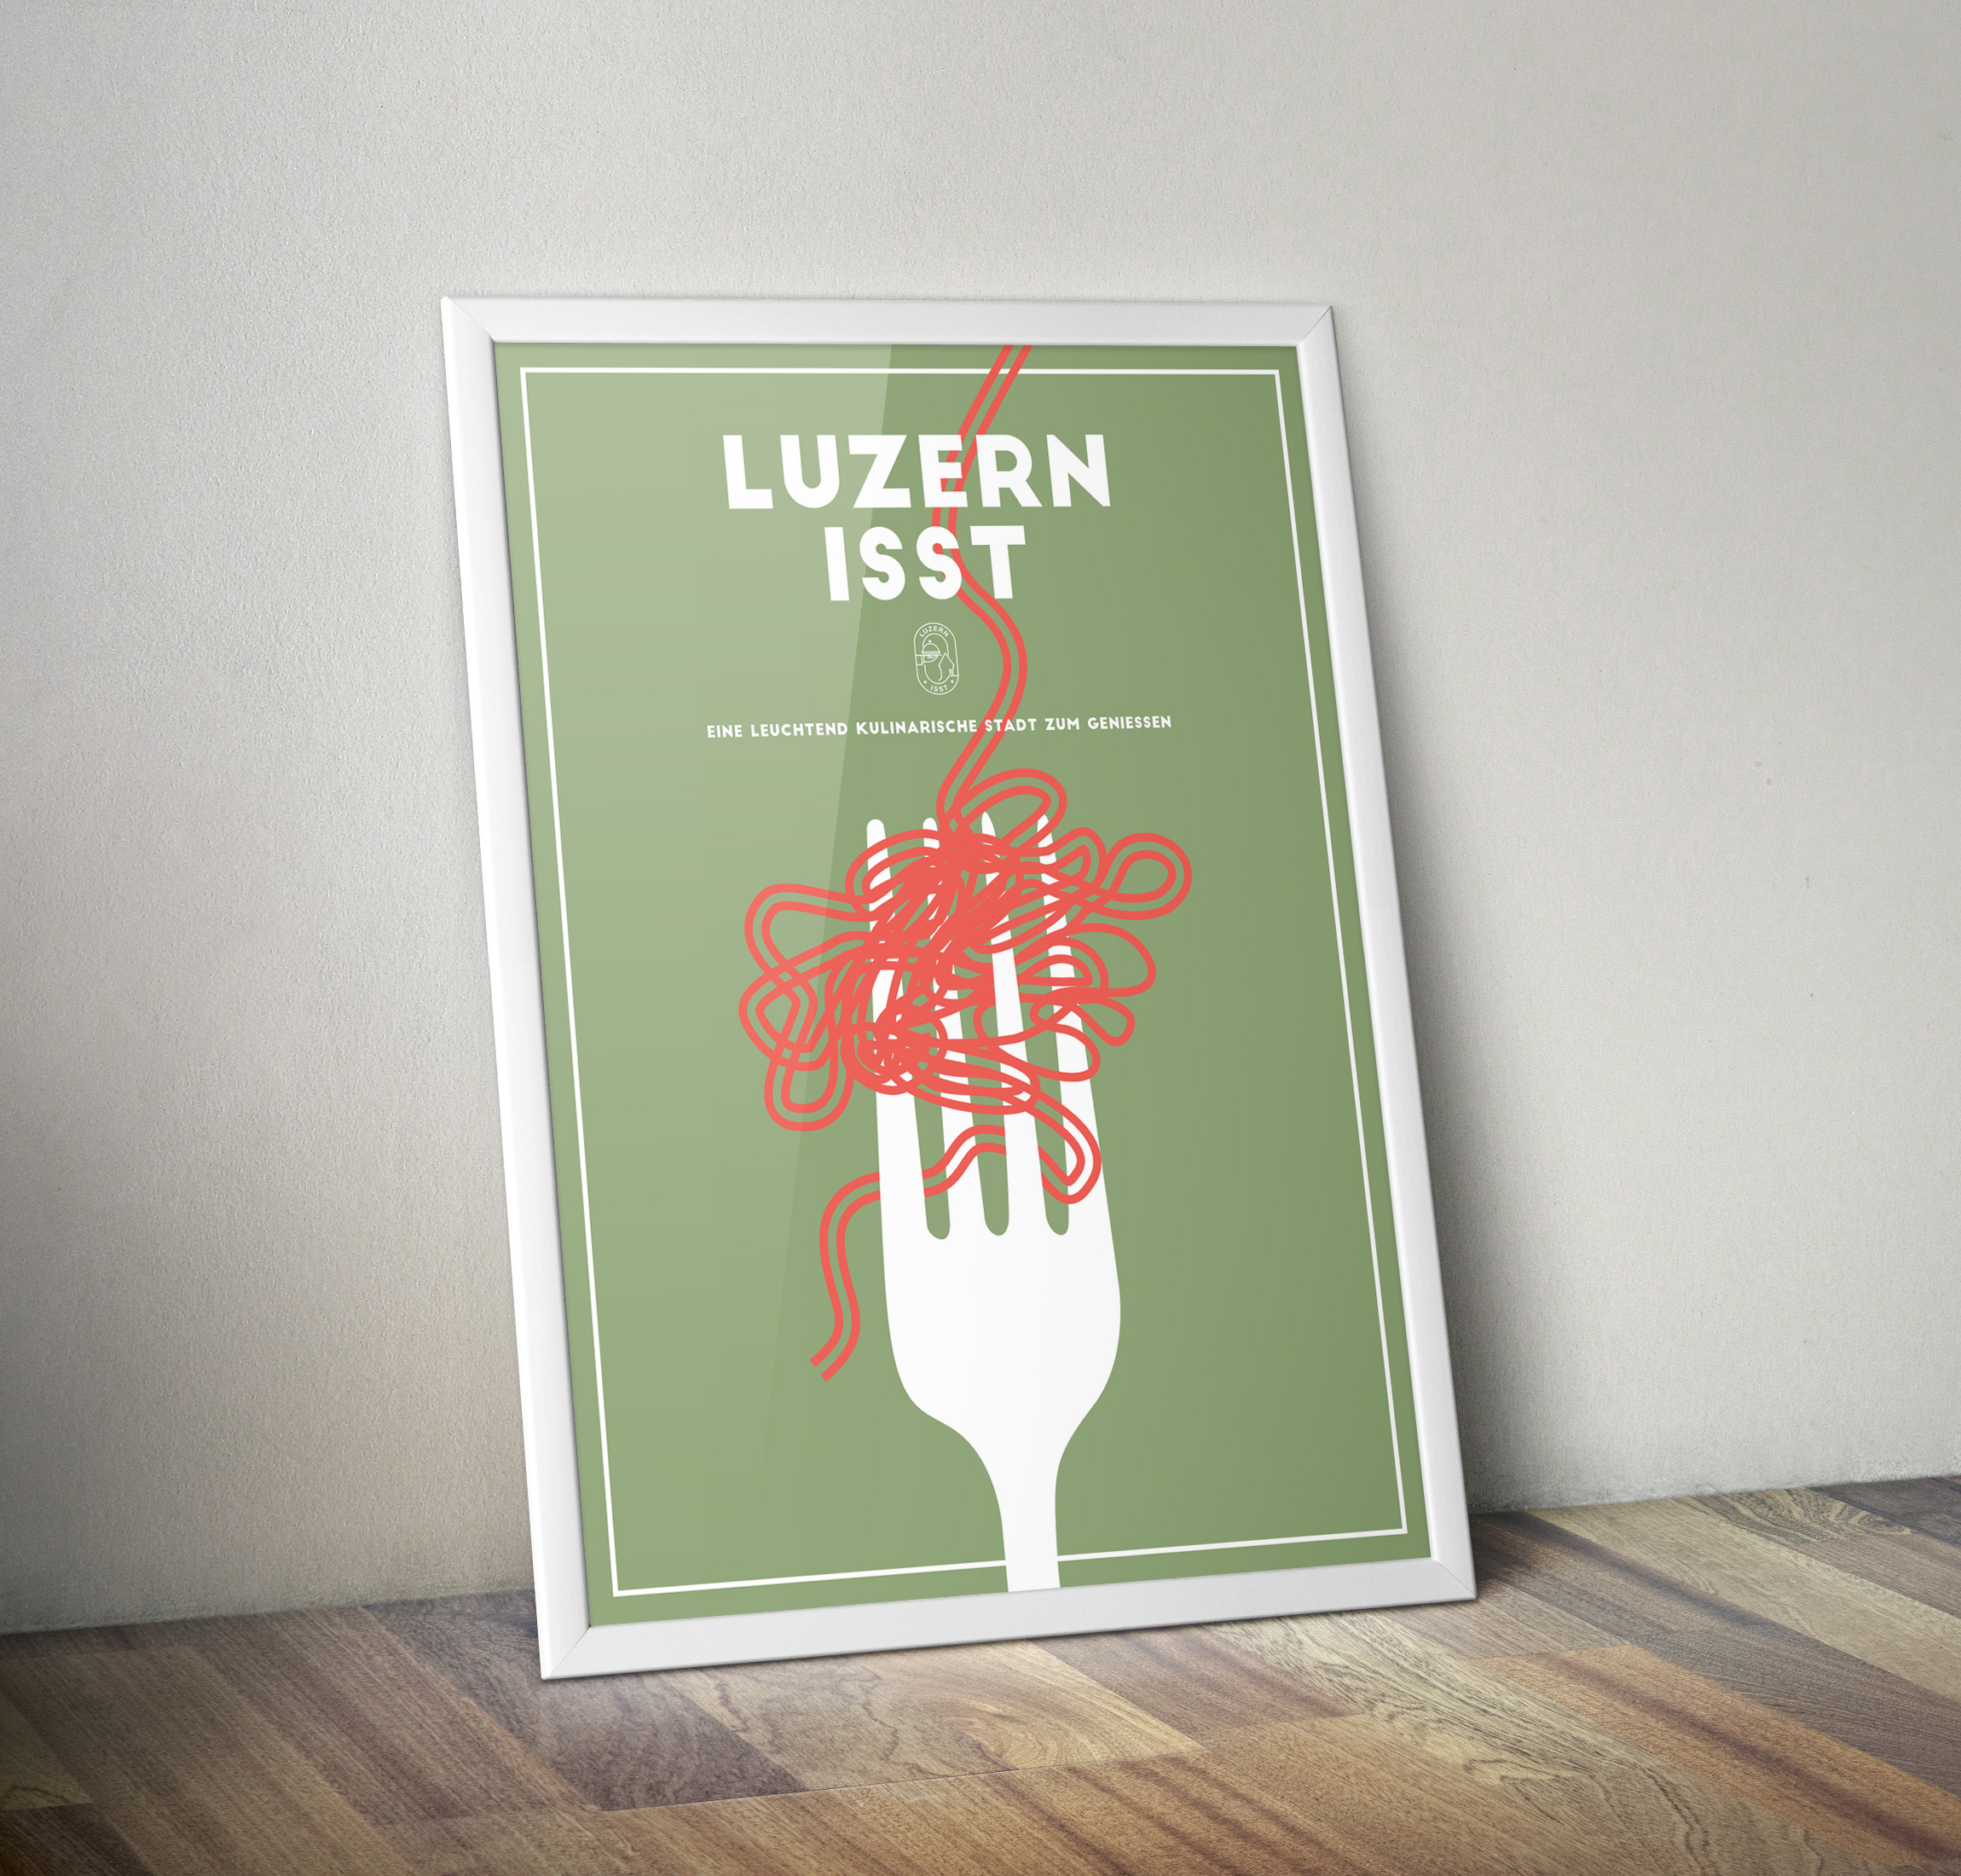 Luzern isst - Poster